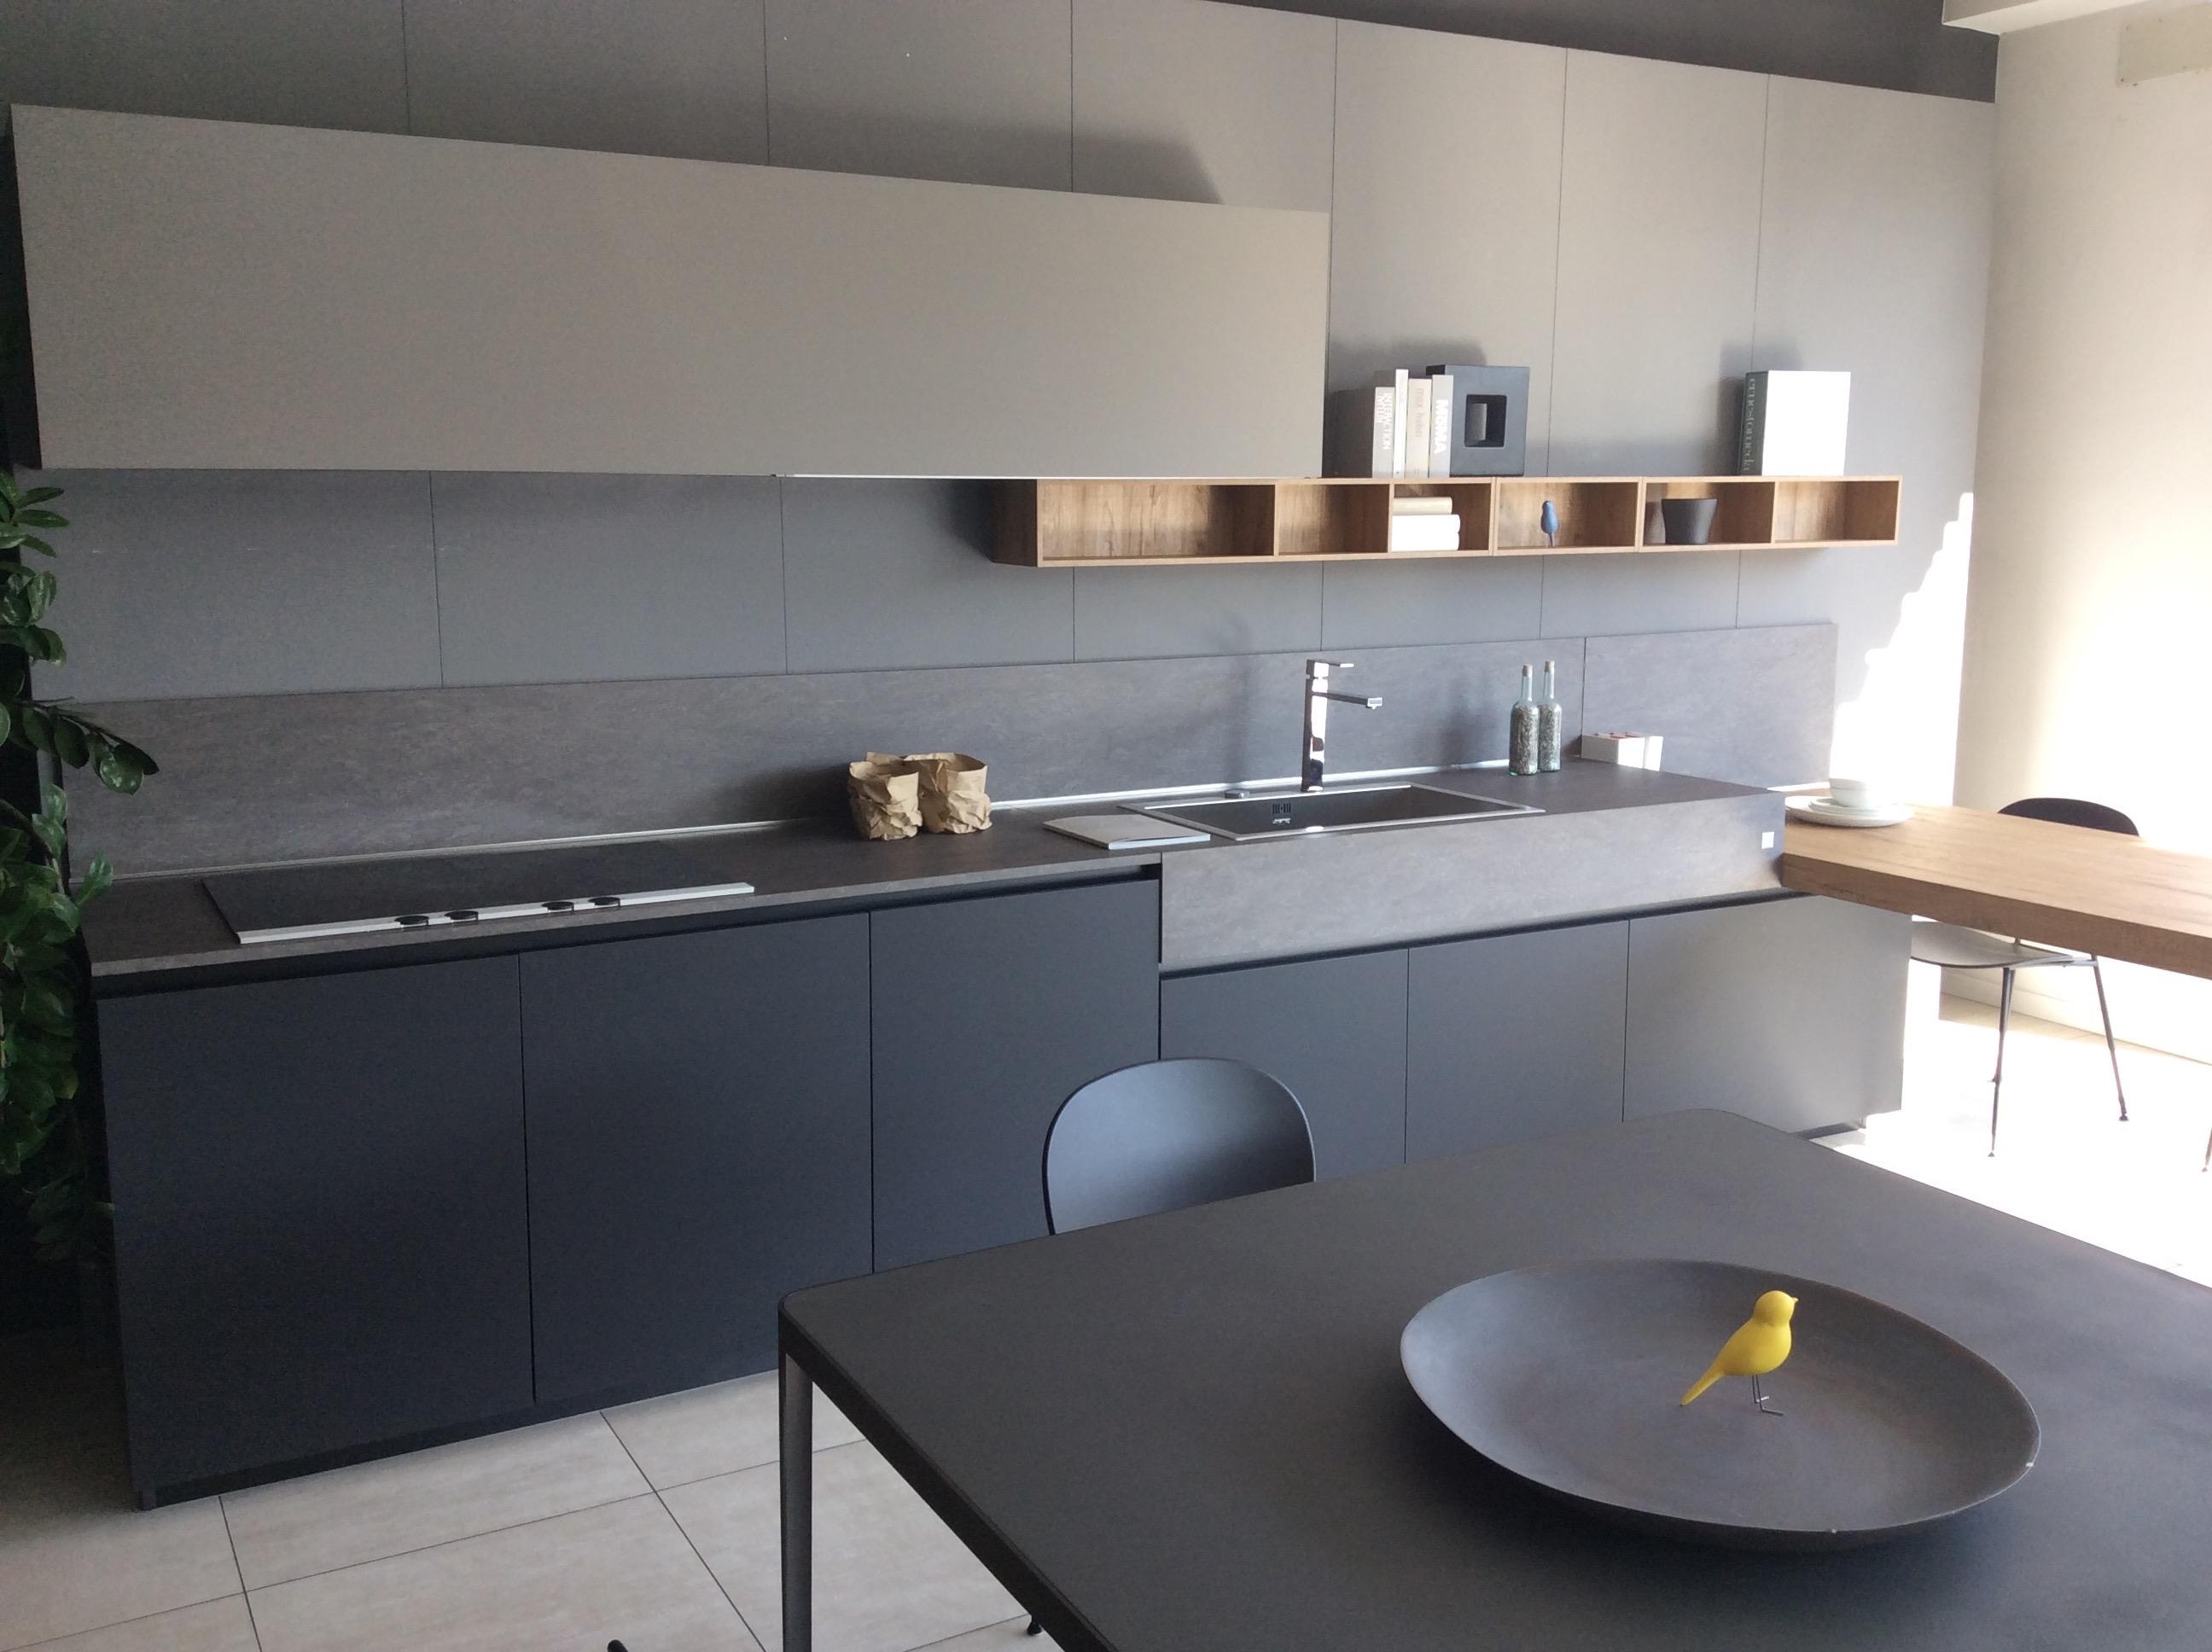 Cucina ernestomeda one80 design cucine a prezzi scontati - Cucina ernestomeda prezzi ...